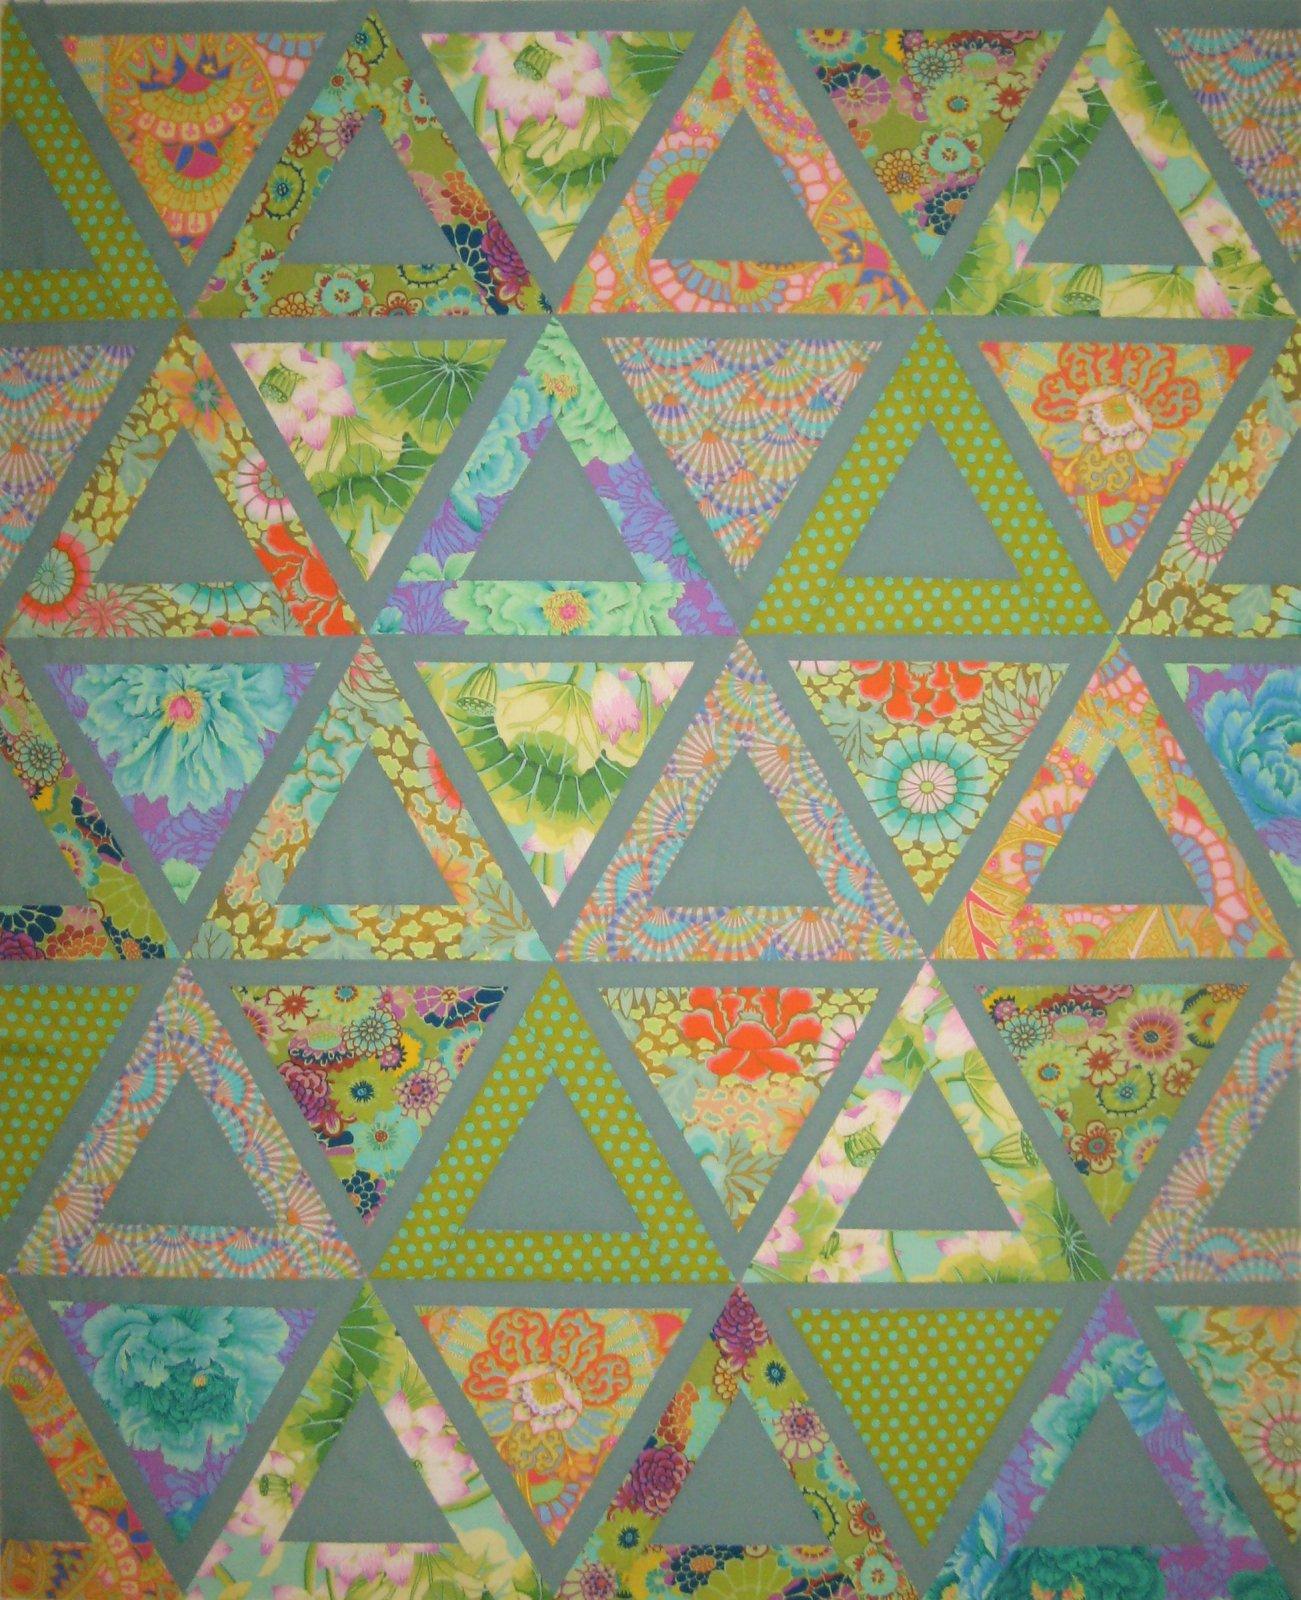 Chopsticks Pattern by Jaybird Quilts